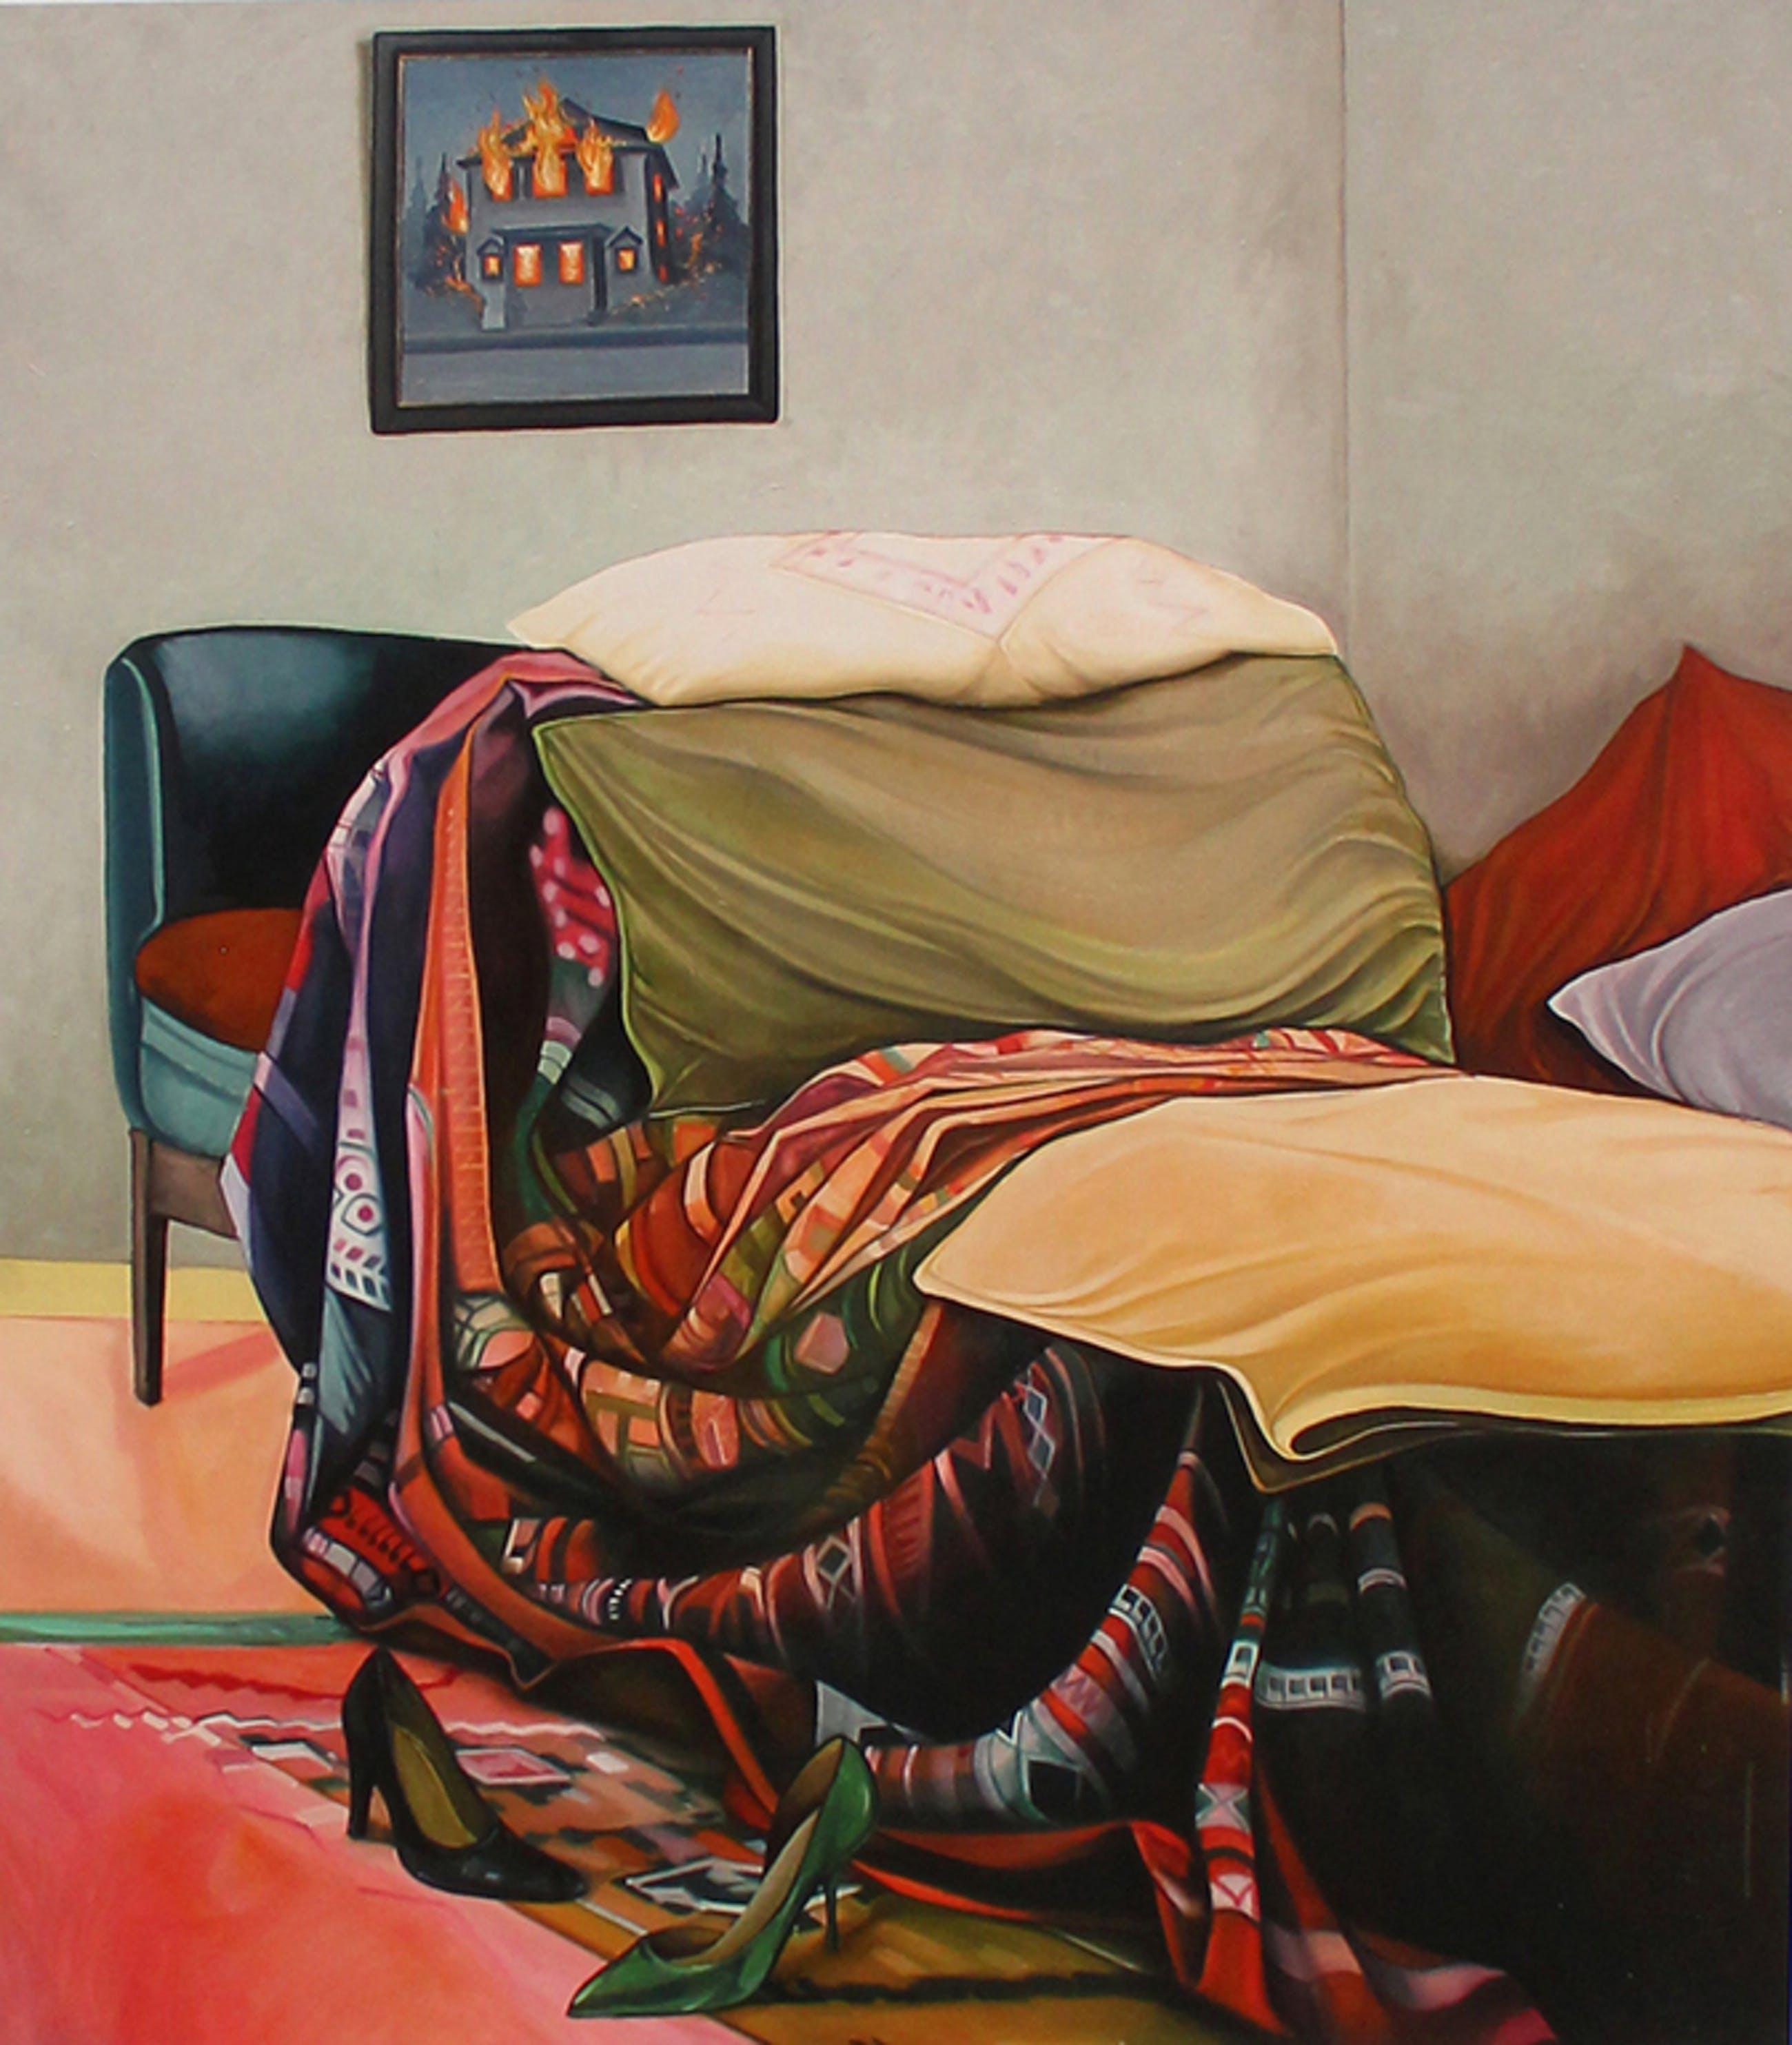 Bruno Bruni - Bruno Bruni. -Psycho-Couch- Heel mooie Pigmentdruk. Gesigneerd. 2017. kopen? Bied vanaf 87!